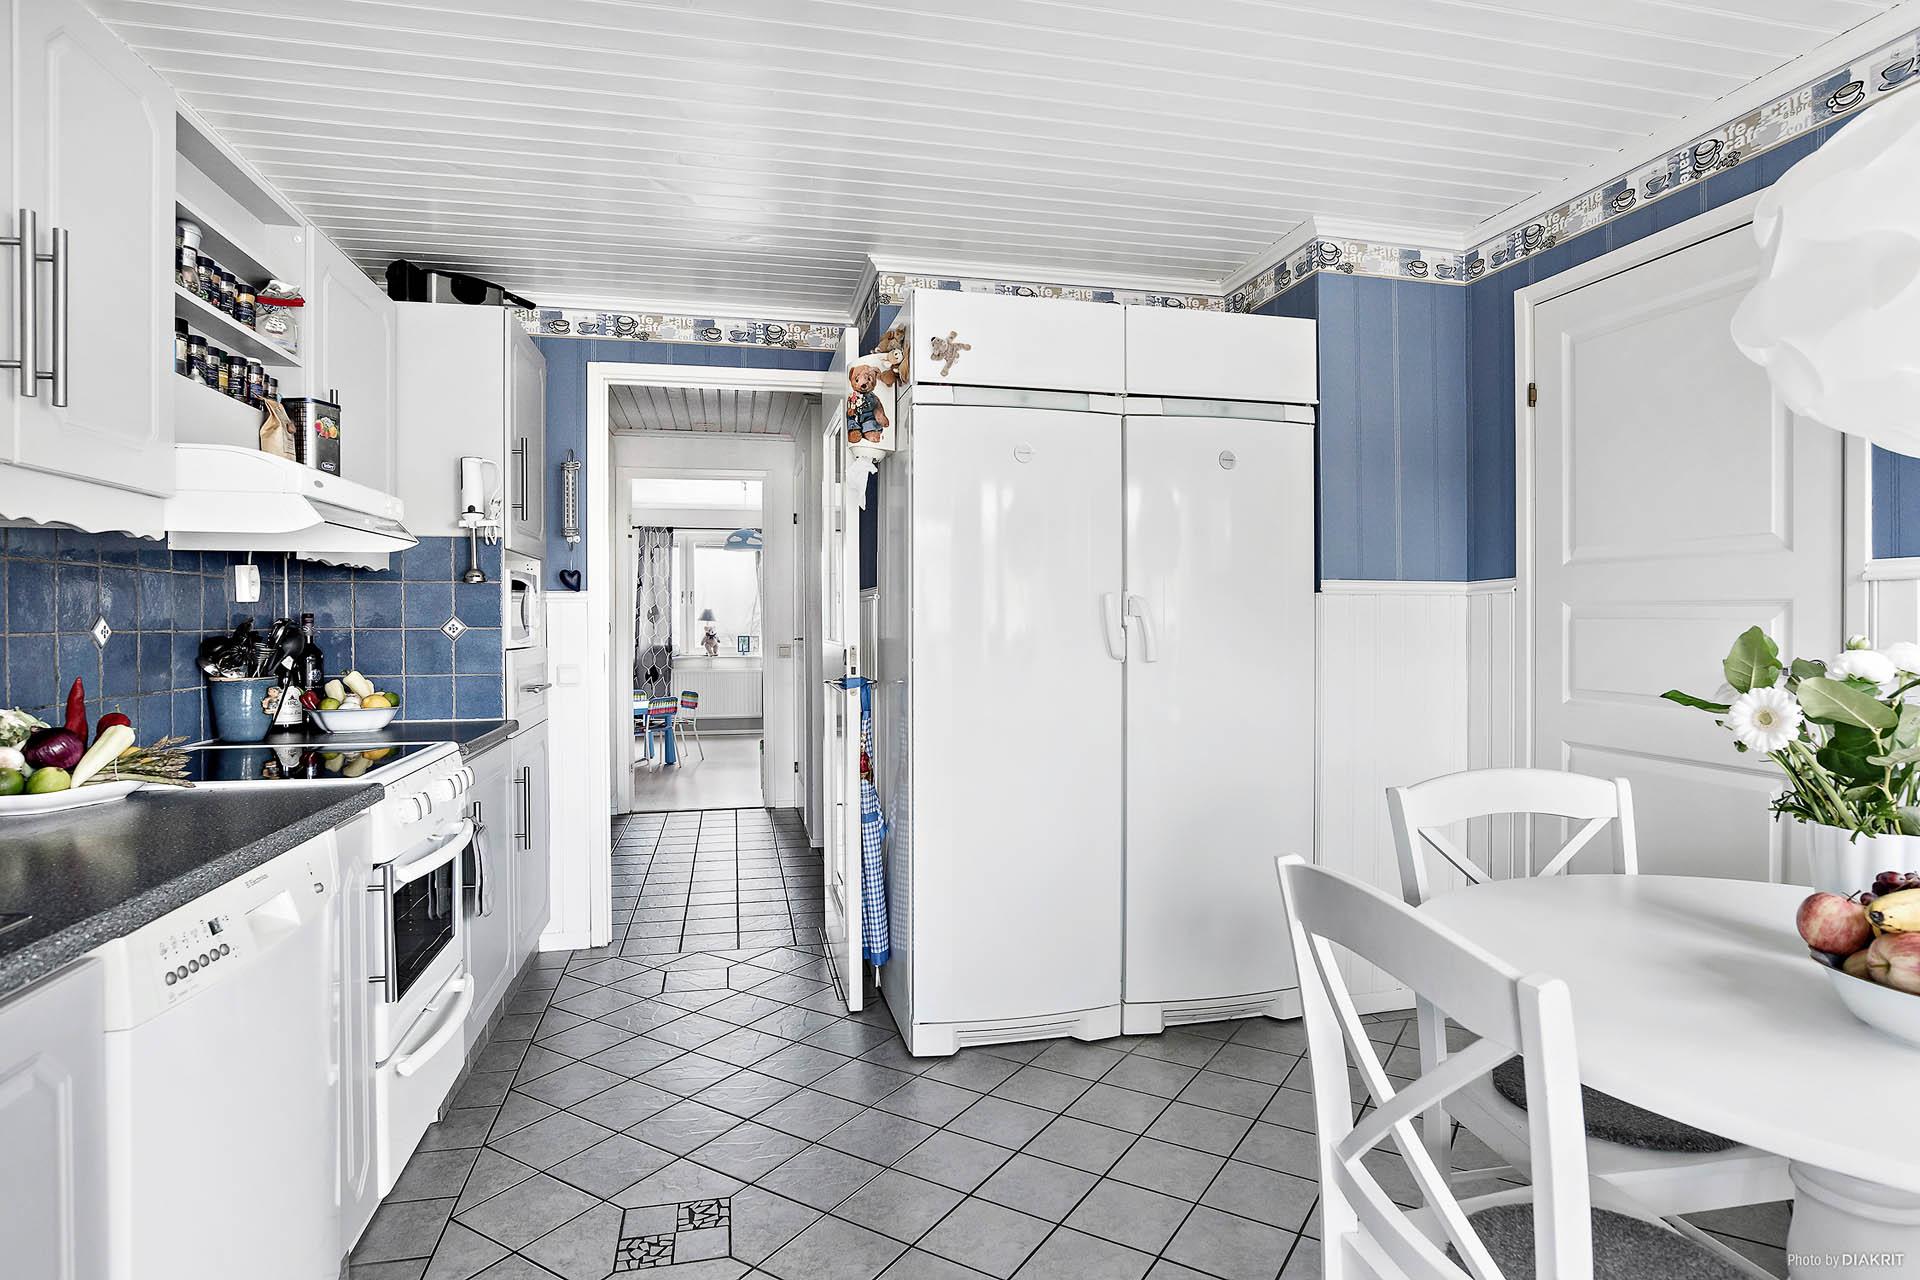 Kök med praktiskt kyl- och frysskåp i fullhöjd